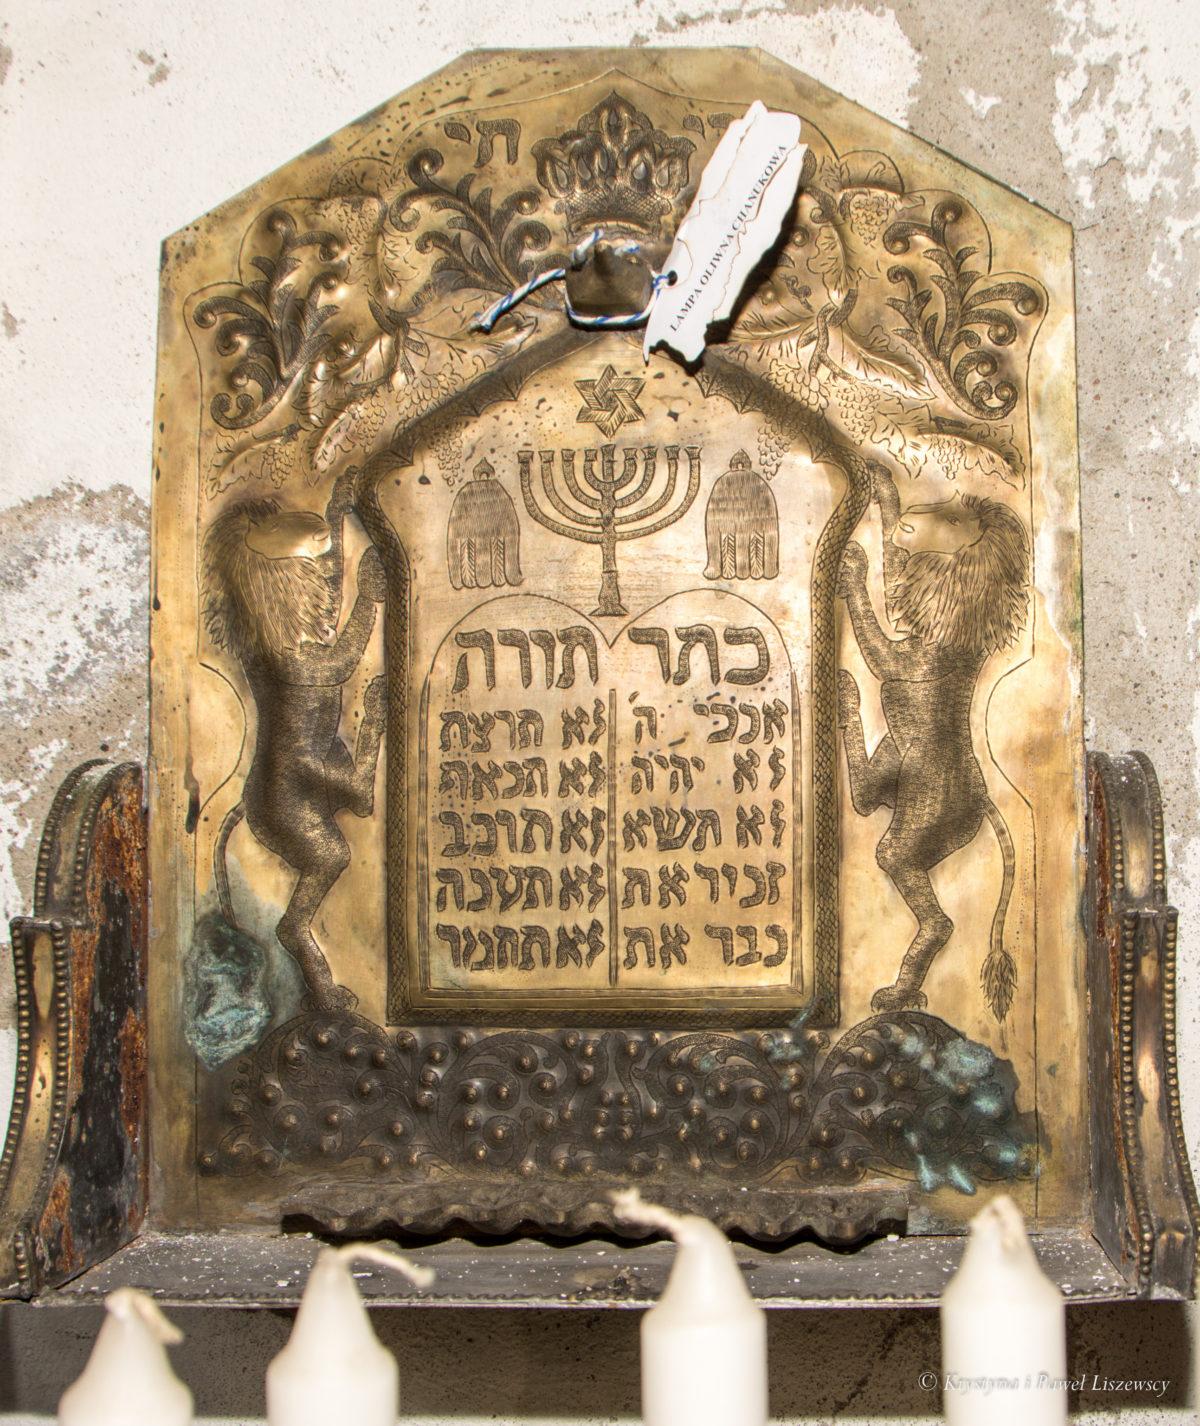 Żydzi w Kaliszu – artefakty z kolekcji Muzeum im. G. J. Osiakowskich w Kaliszu – Przewodnik po starym Kaliszu